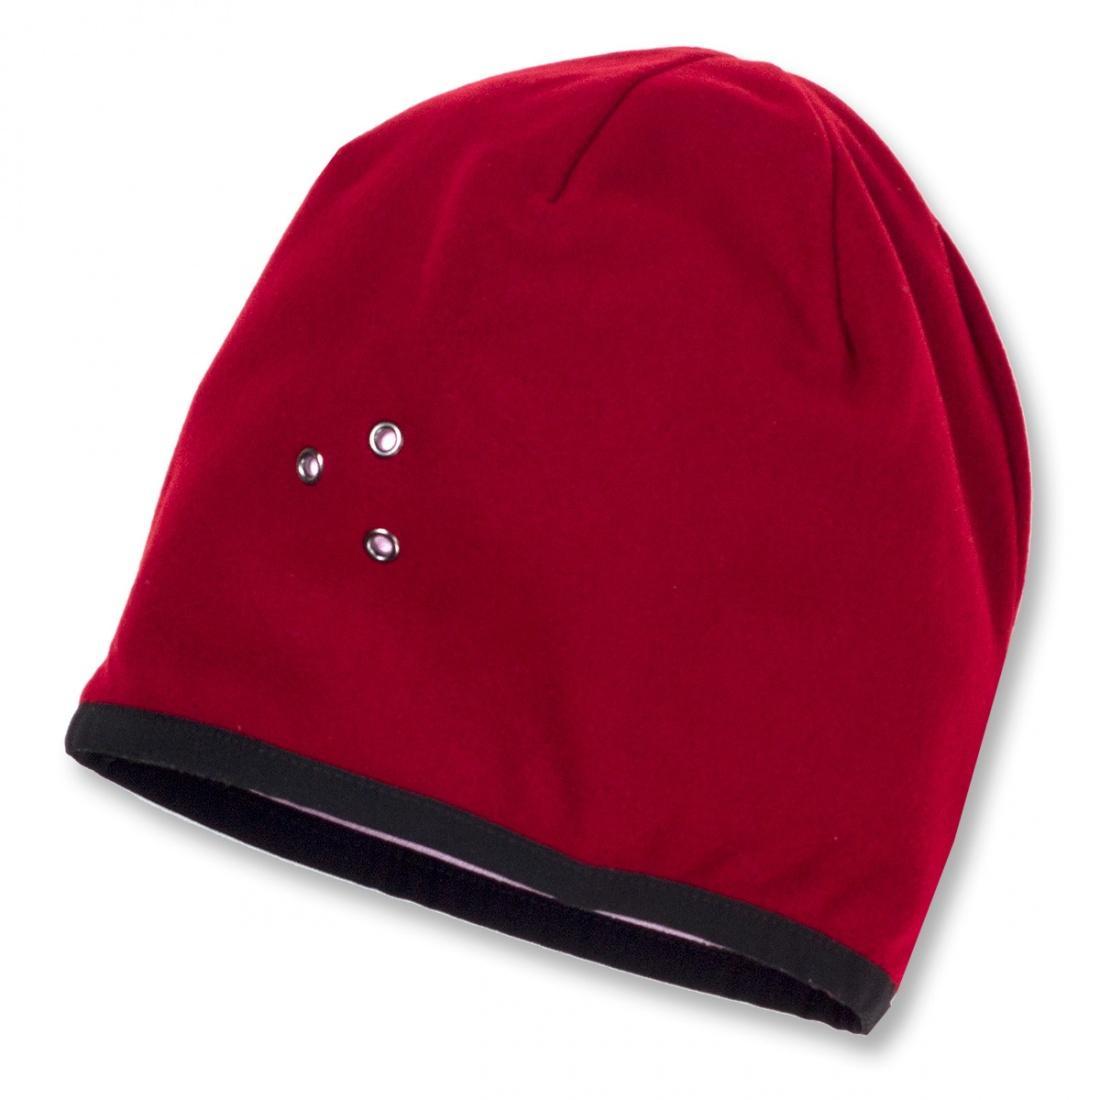 Шапка детская Gnome (3-12 лет)Шапки<br>Удобная модная шапочка для детей от 3 до 12 лет. Предназначена для прогулок в прохладную погоду.<br> <br><br>Материал – Polar Fleece.<br>Возможность использования на обе стороны различного цвета.<br>Декоративные элементы.<br>...<br><br>Цвет: Алый<br>Размер: L